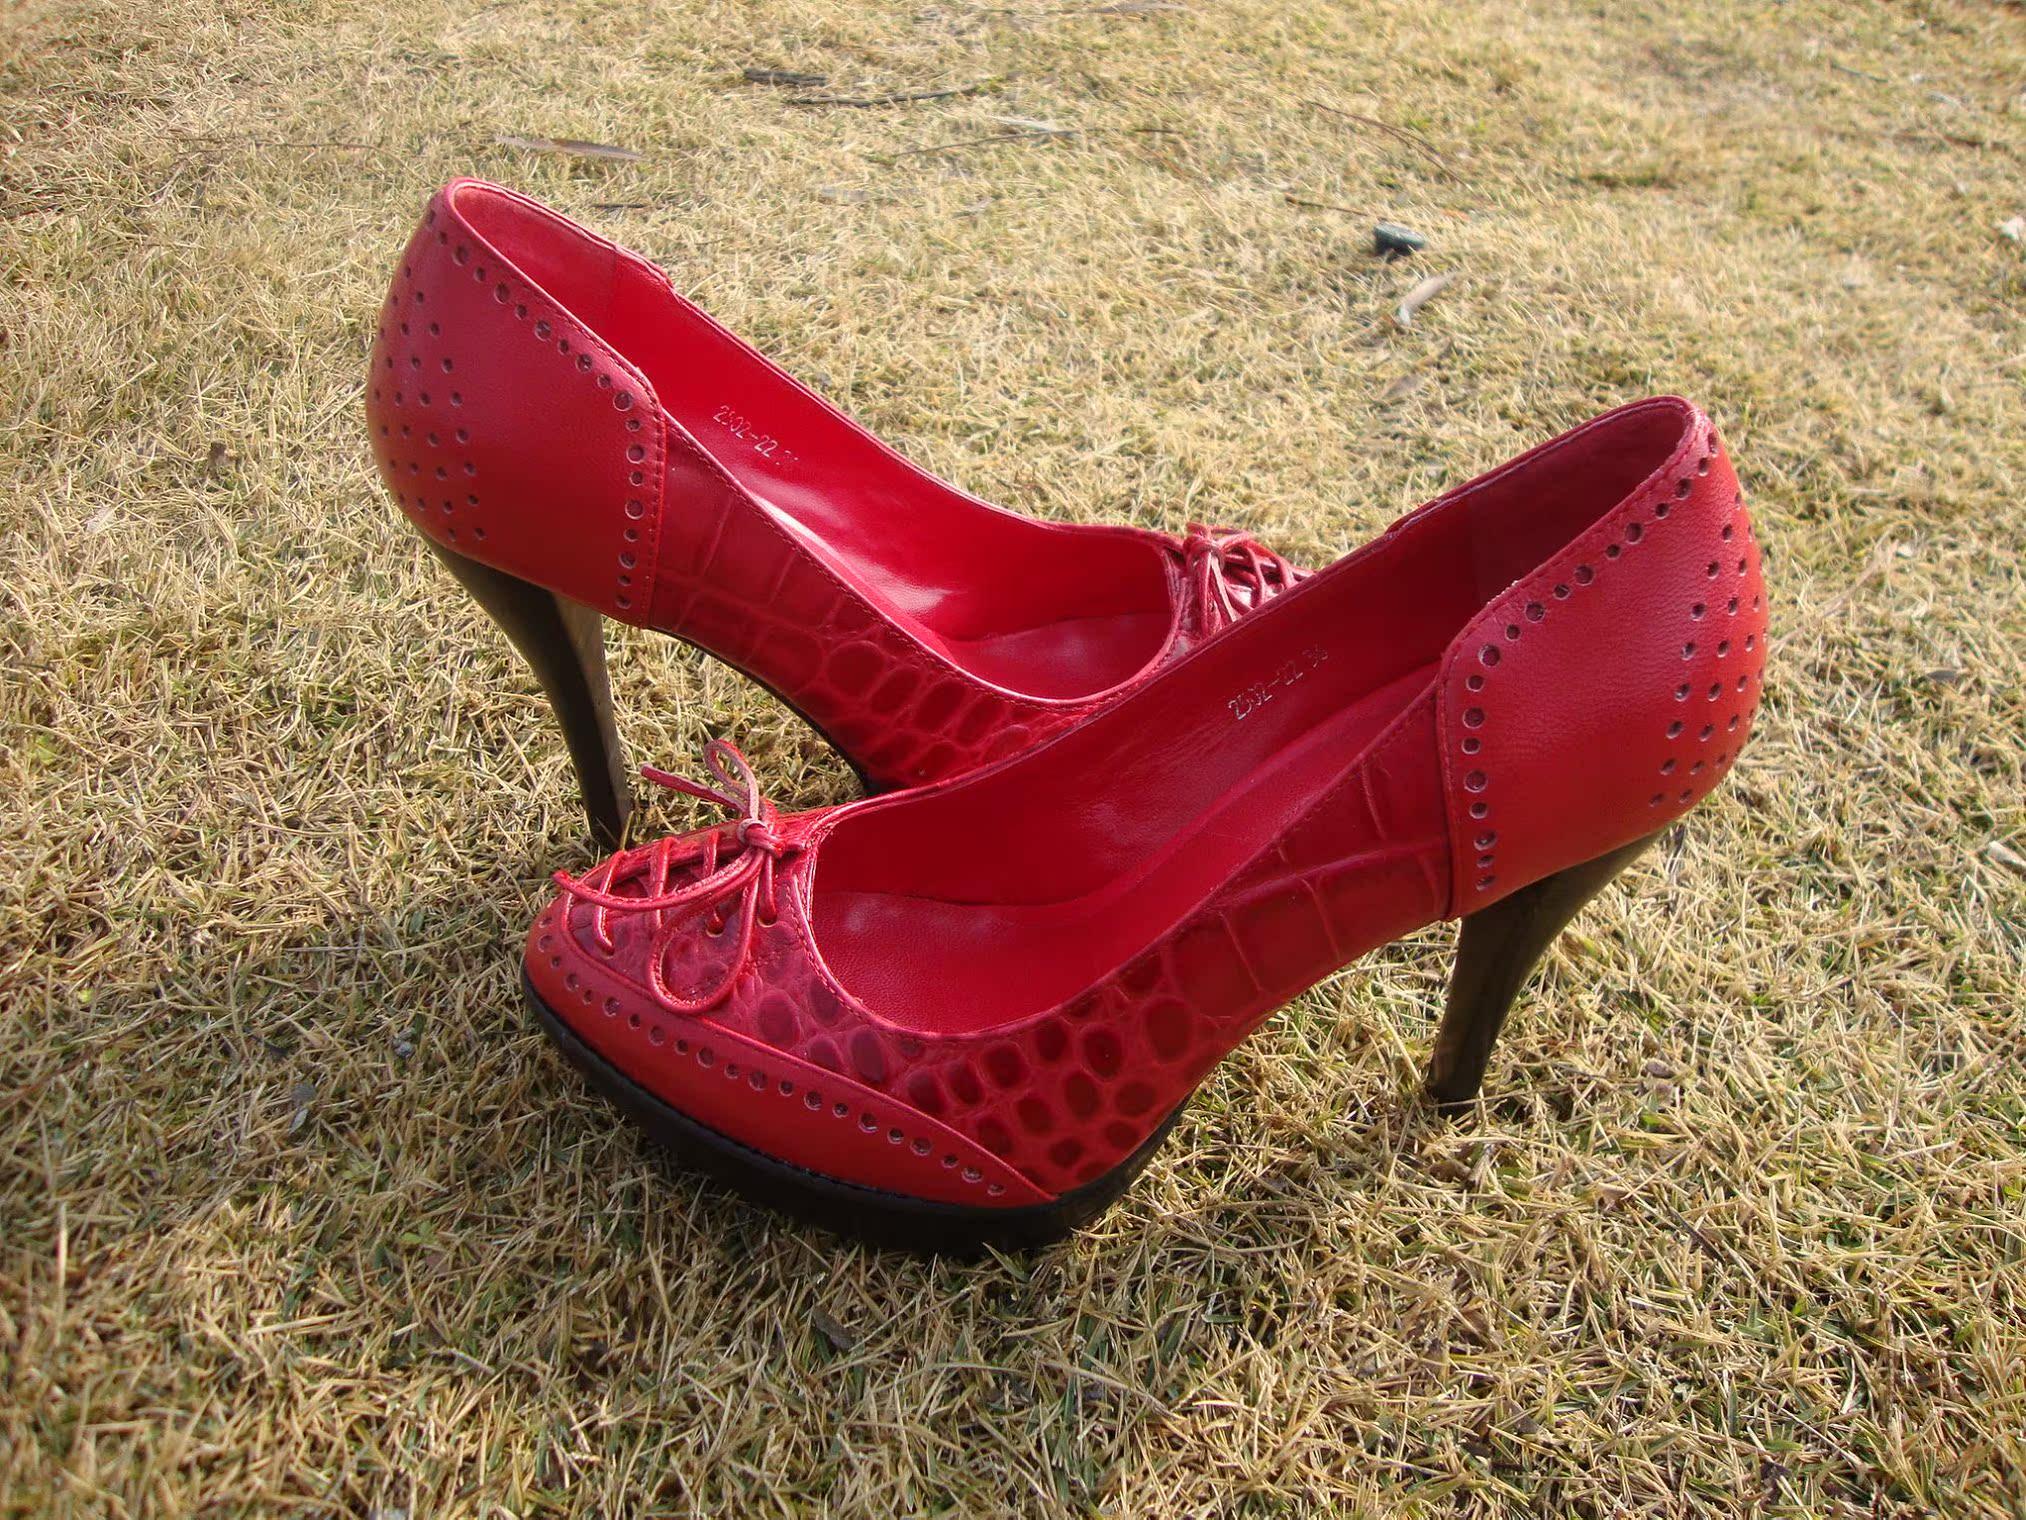 туфли Beyond3cm/качество обувь/обувь/Обувь/Belle /